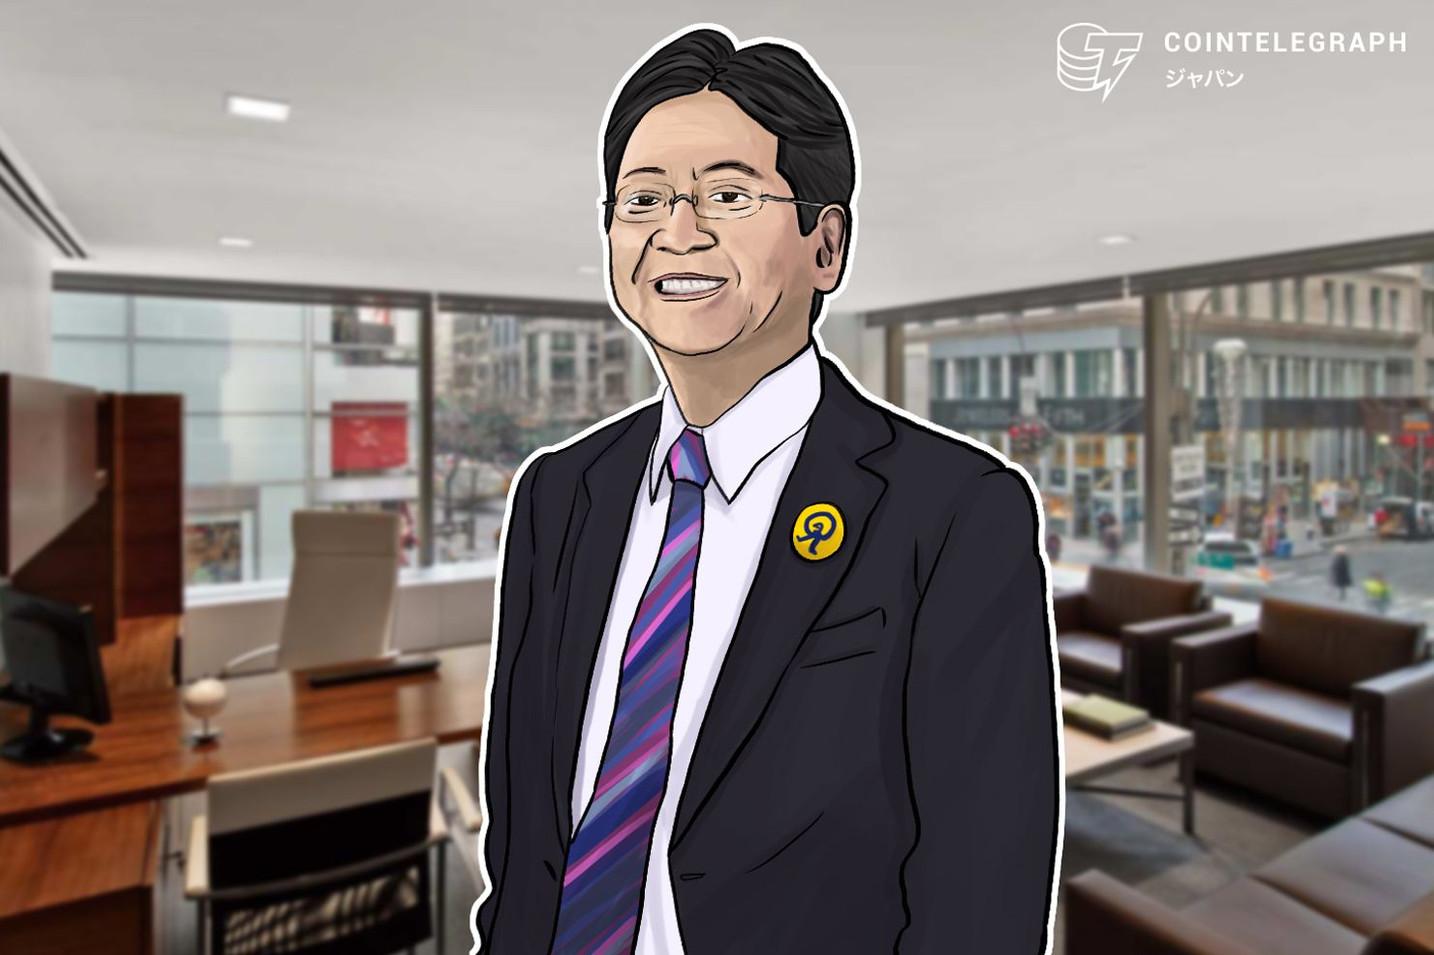 マネックス松本氏「新紙幣は最後の紙幣」 ブロックチェーン技術でのデジタル化を予言=朝日新聞